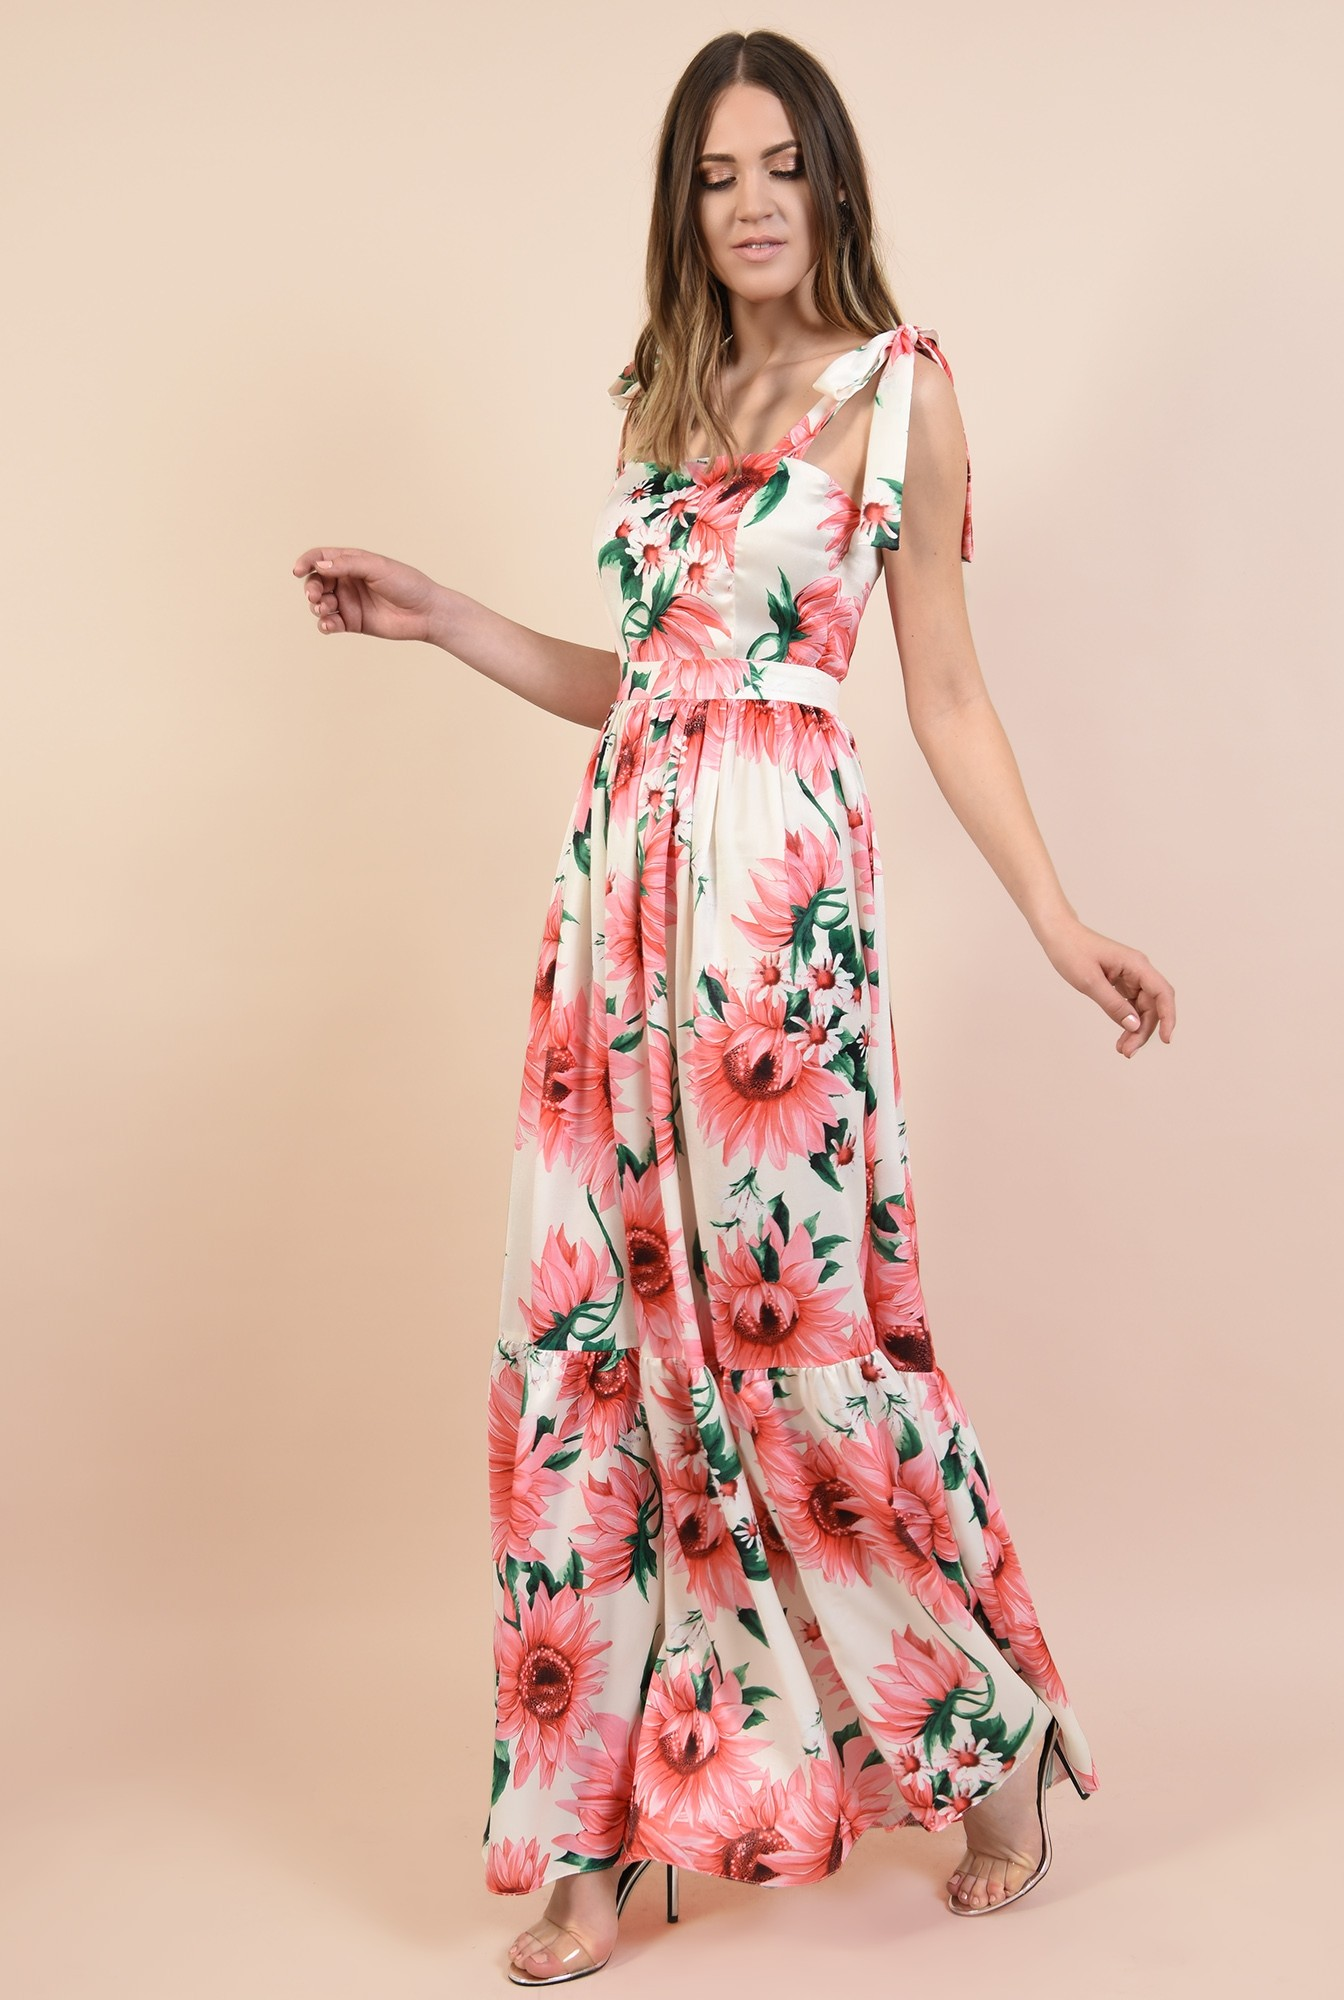 3 - 360 - rochie eleganta, lunga, din satin, cu flori, bretele cu funda